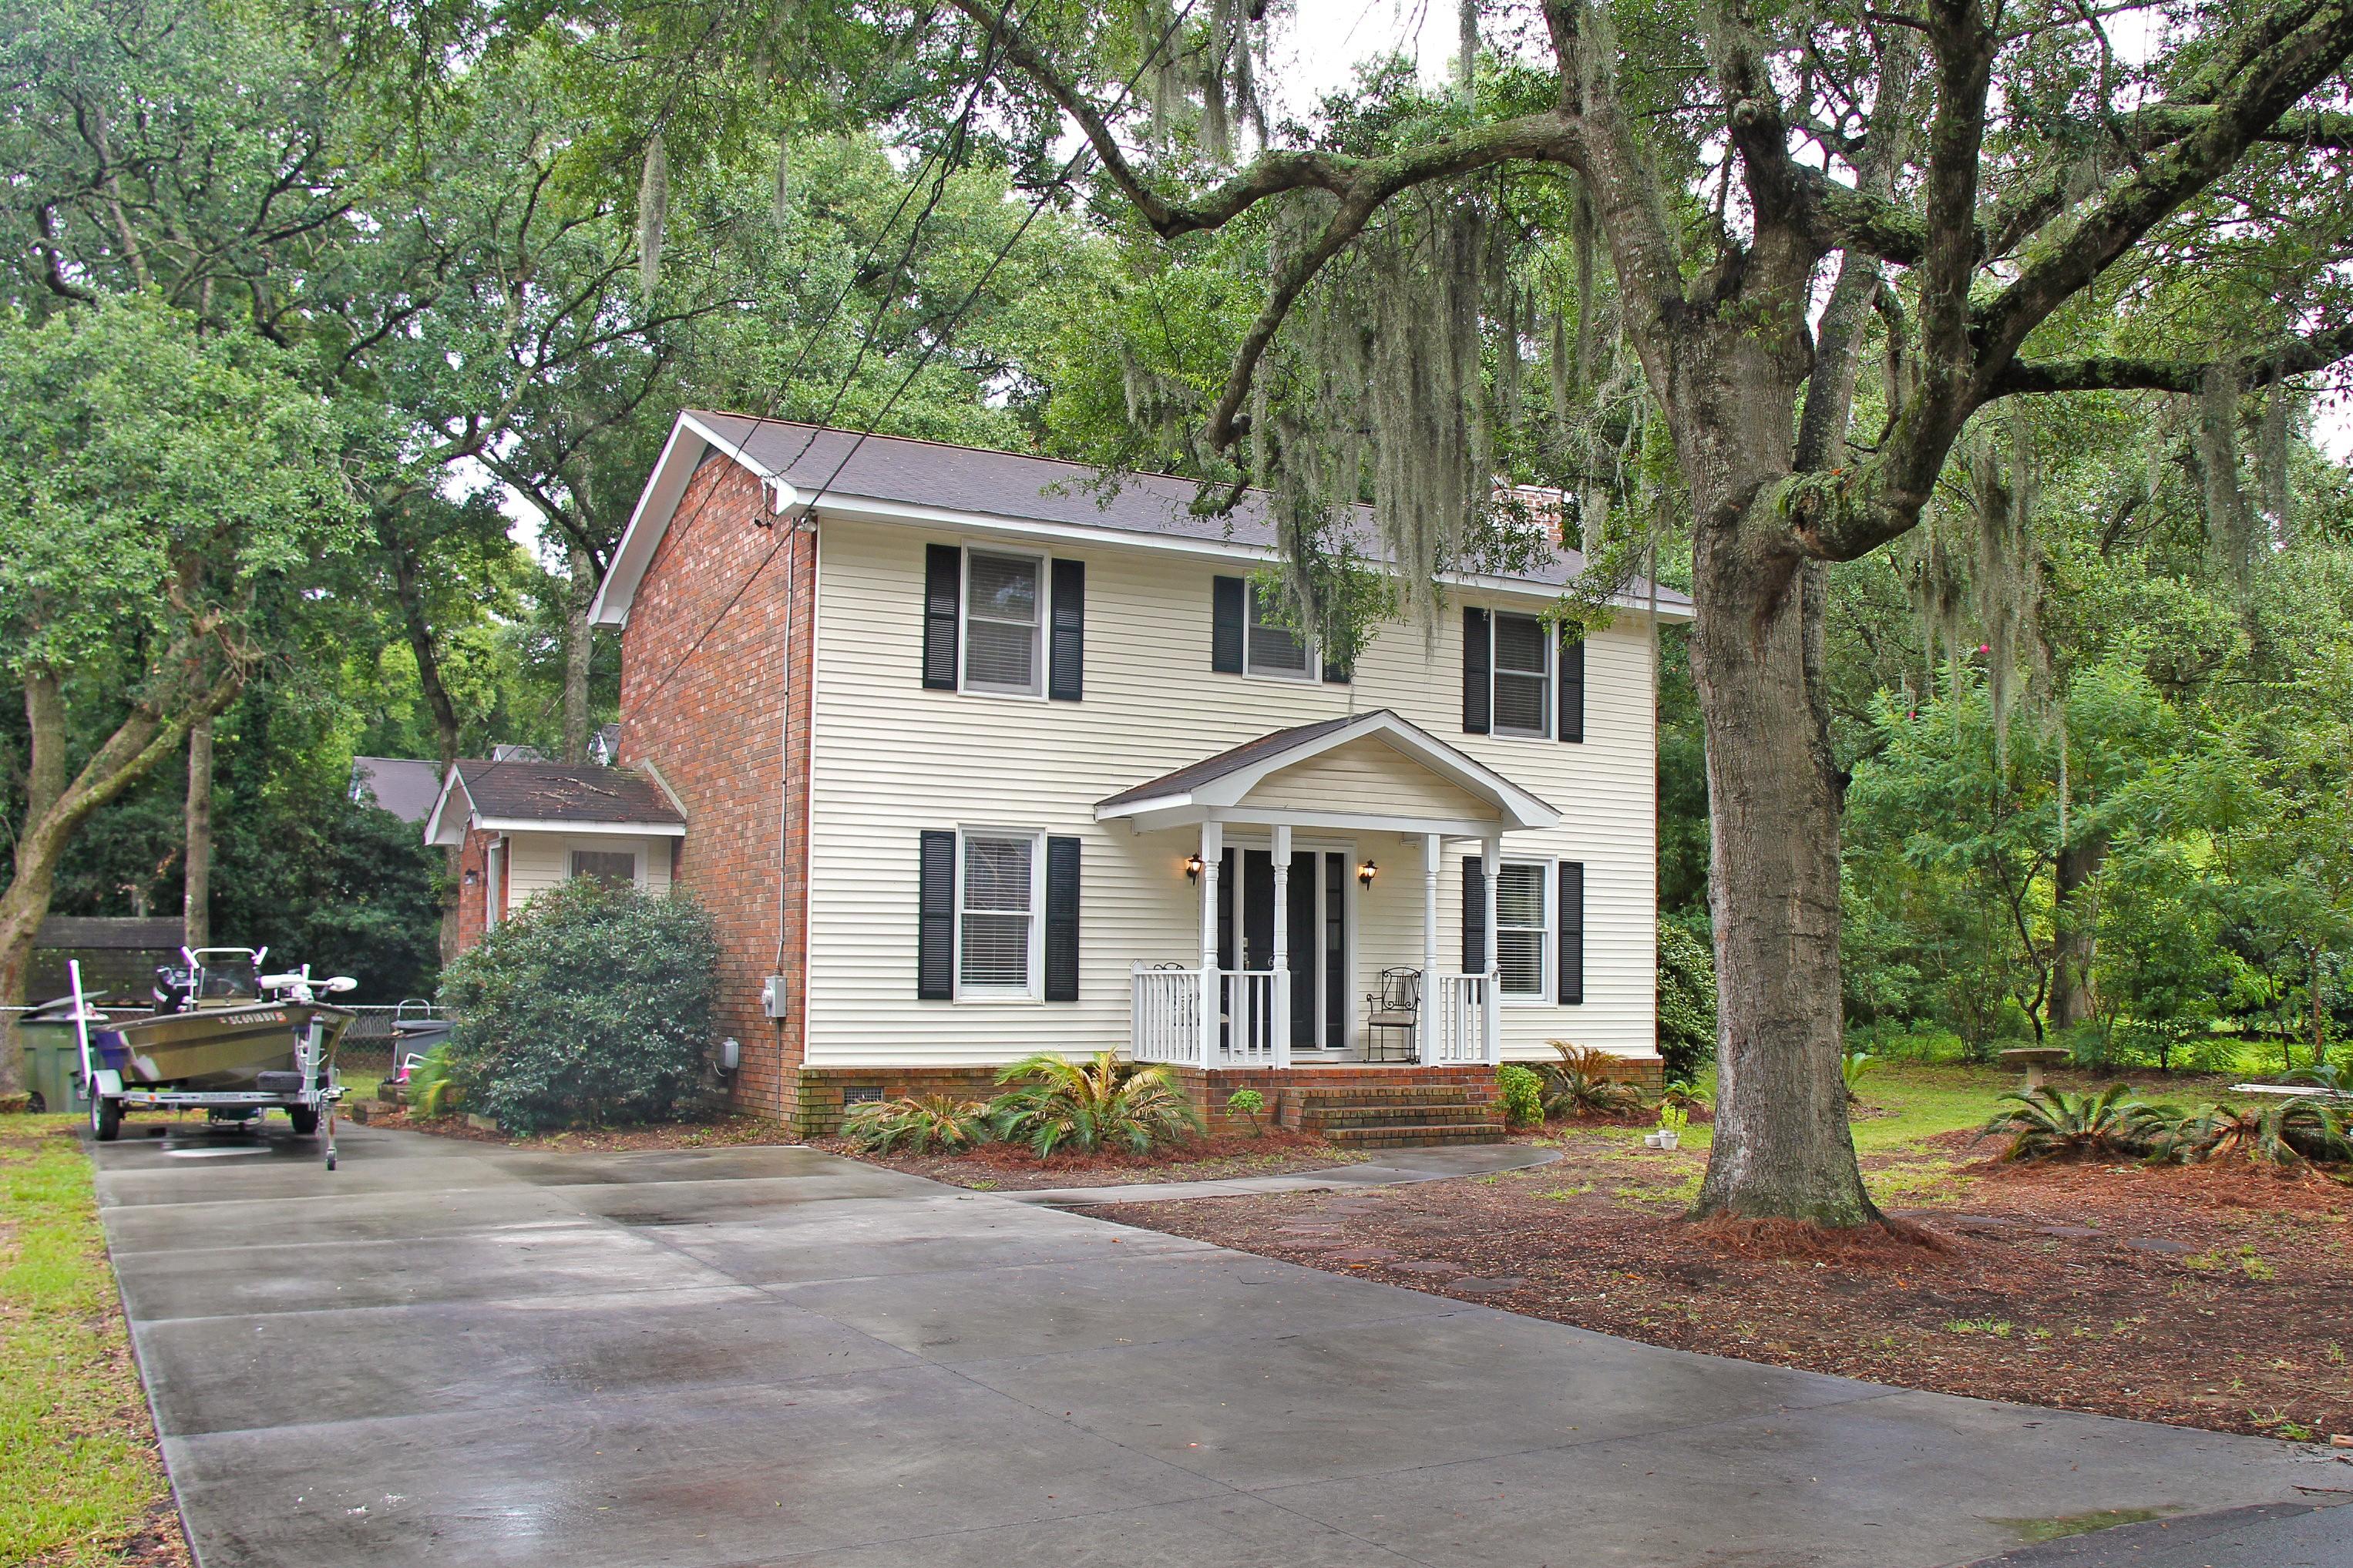 단독 가정 주택 용 매매 에 Updated Home in Wonderful Neighborhood 662 Beauregard Street Charleston, 사우스캐놀라이나 29412 미국